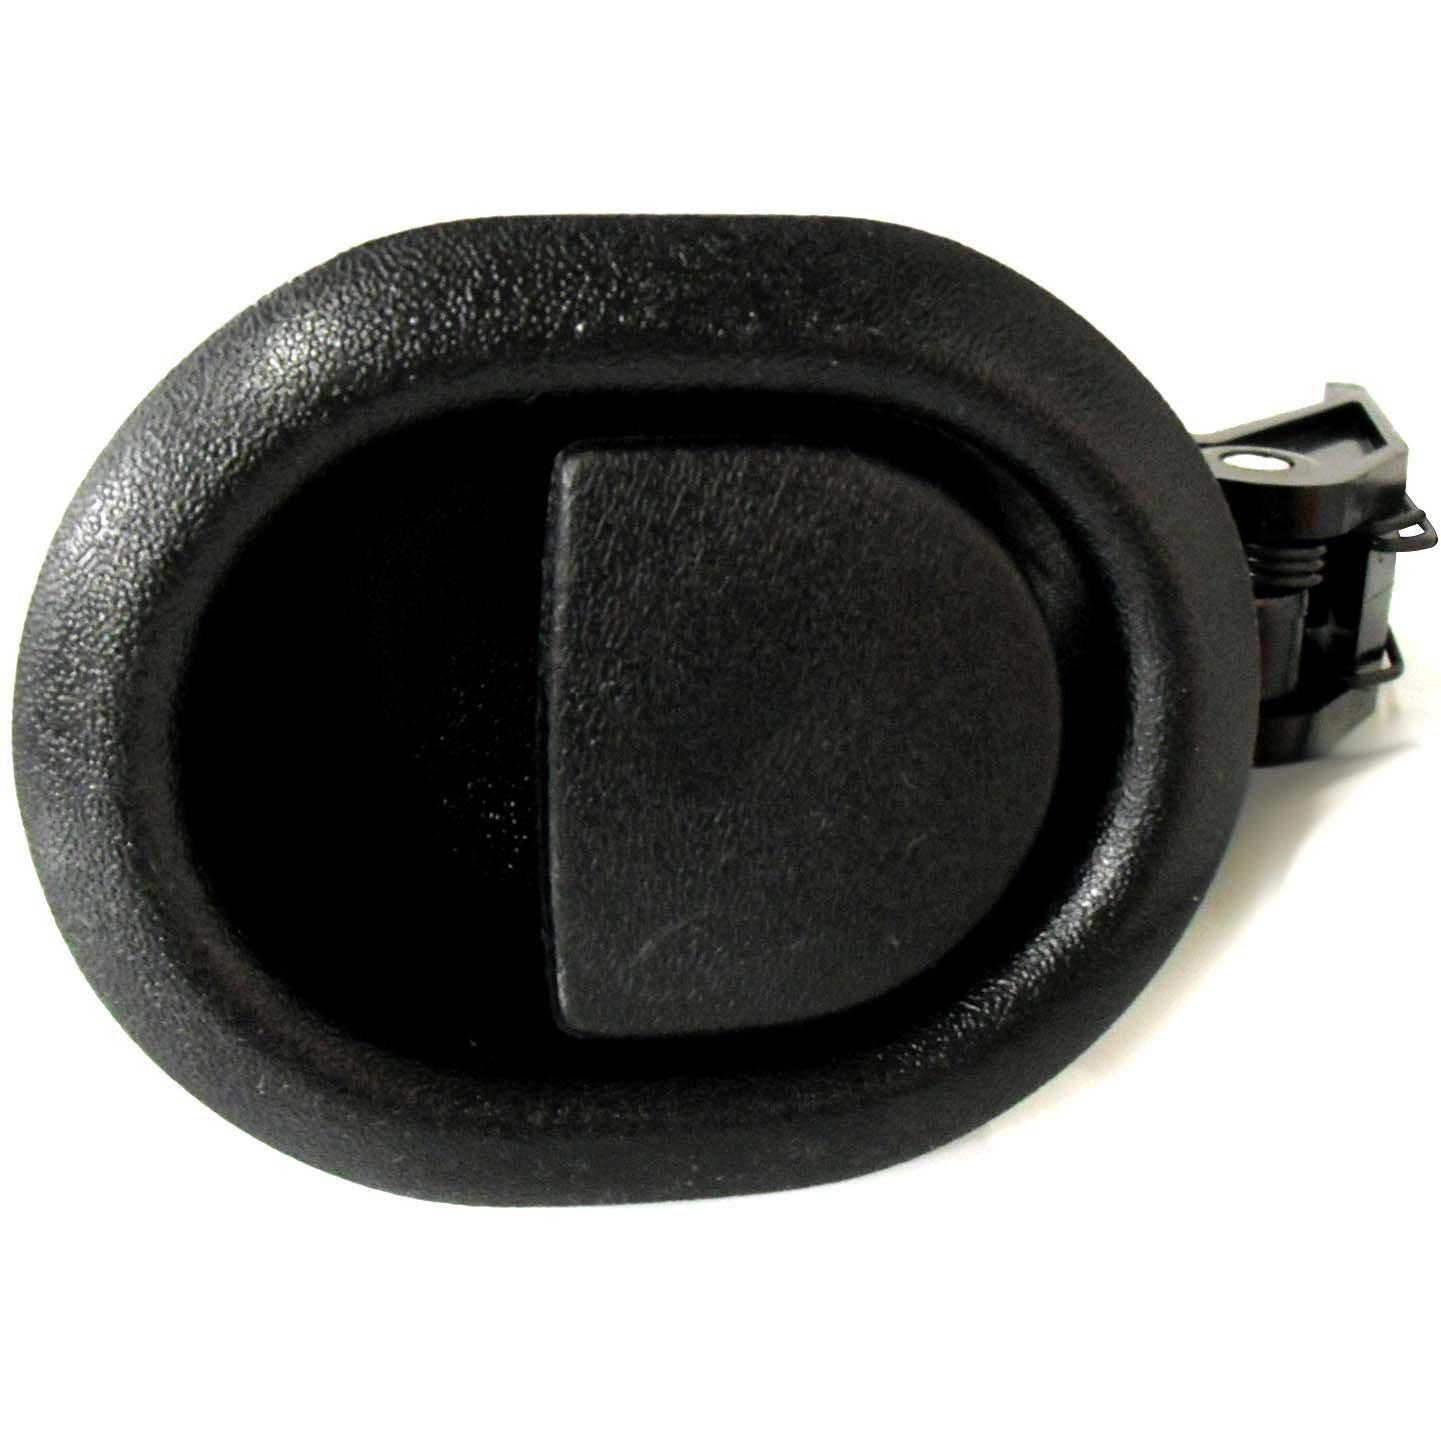 Eric /& Leon Pi/èces de remplacement en plastique noir pour petite poign/ée ovale d/'inclinaison de fauteuil inclinable Emball/ée dans un sac personnalis/é Style ann/ées 1920